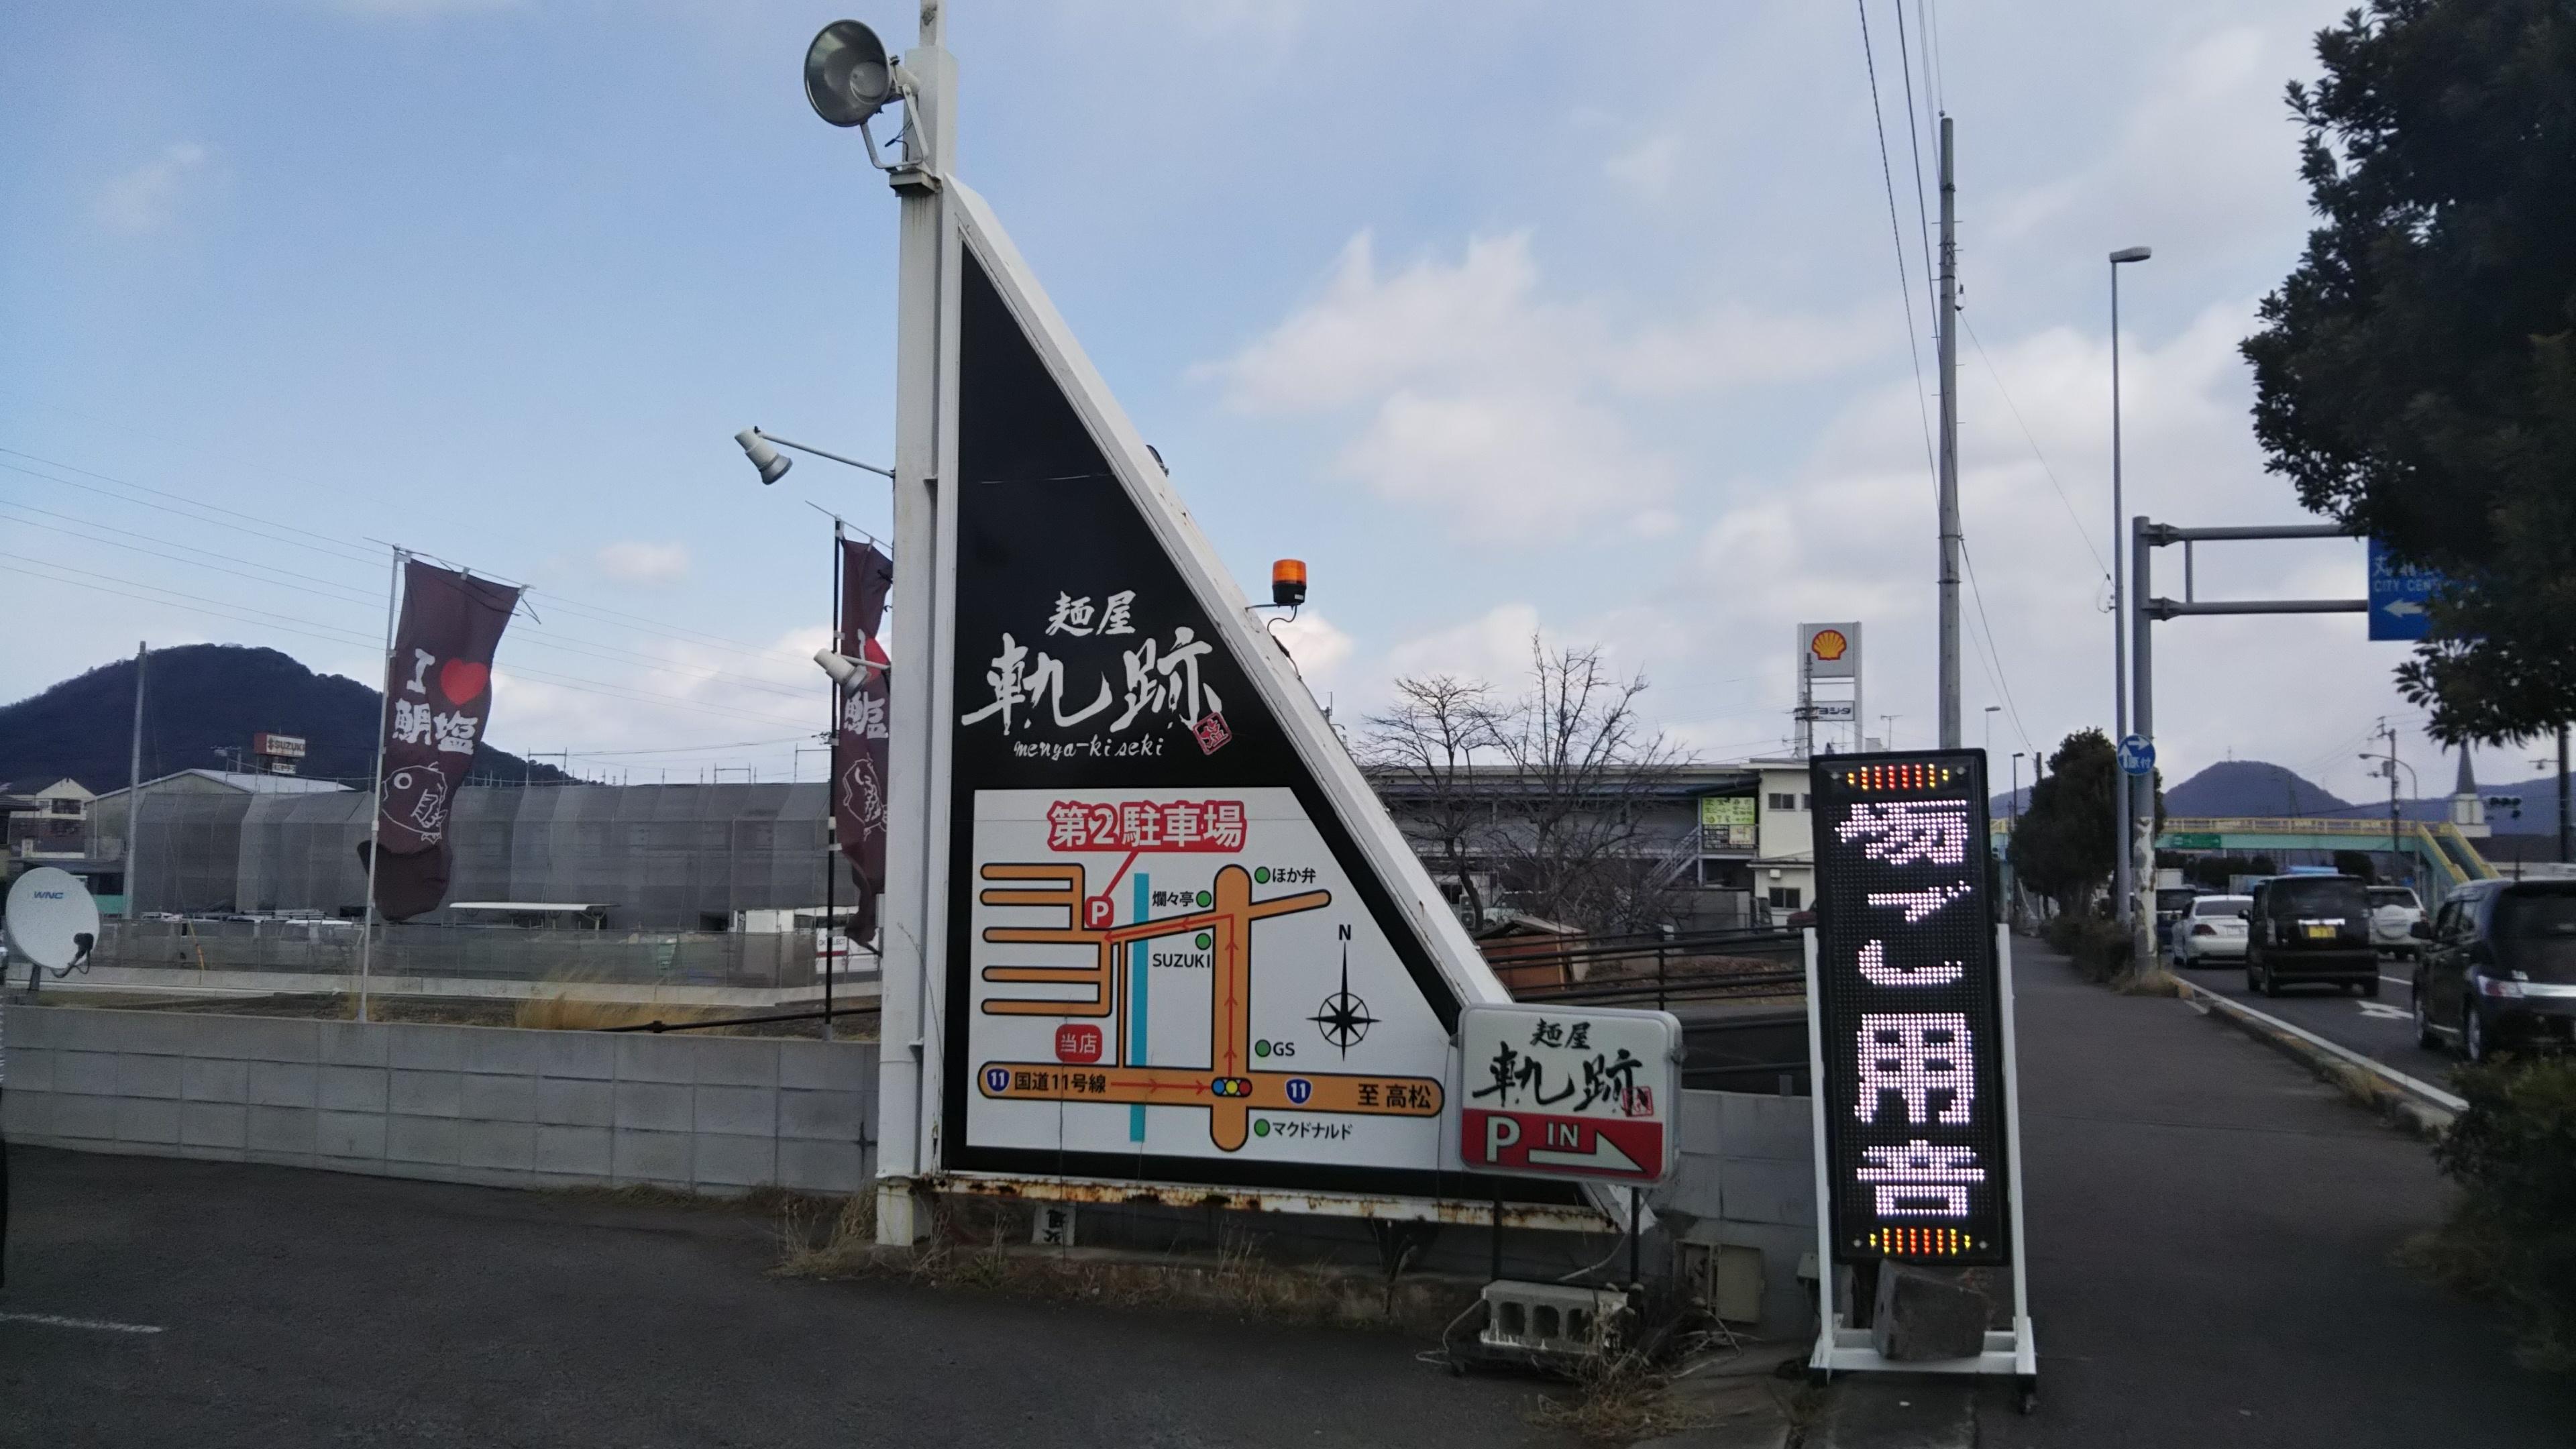 丸亀市の塩ラーメン専門店「麺屋 軌跡」